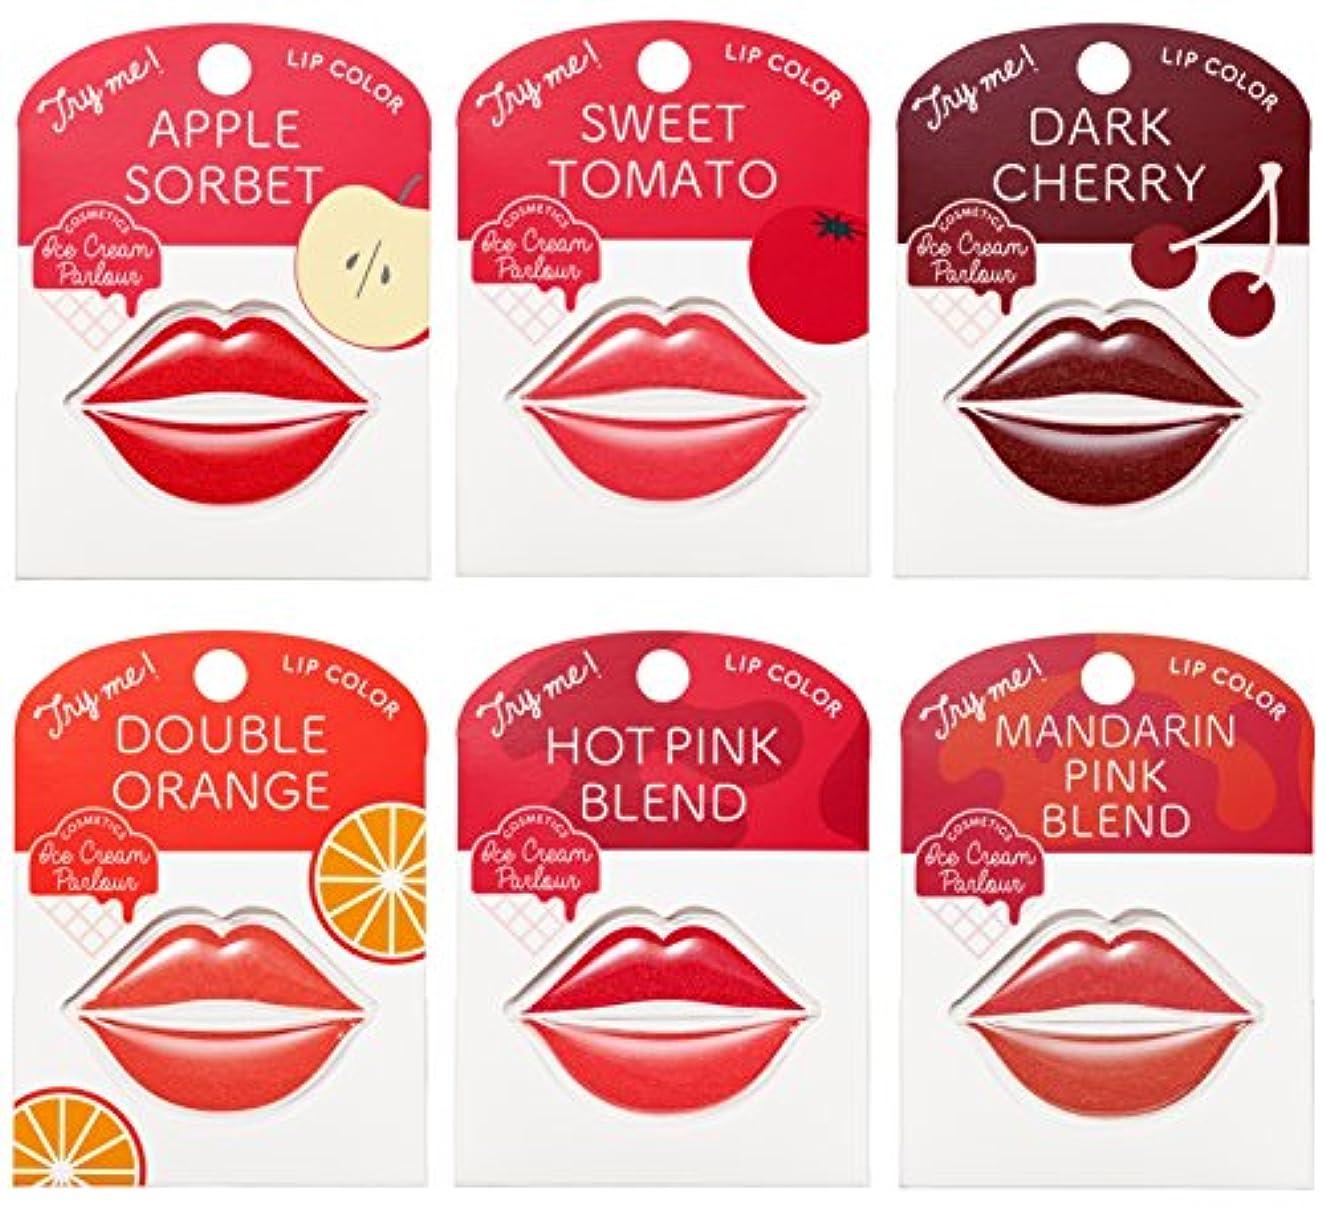 ブート方法論必要としているアイスクリームパーラー コスメティクス リップカード全色セット